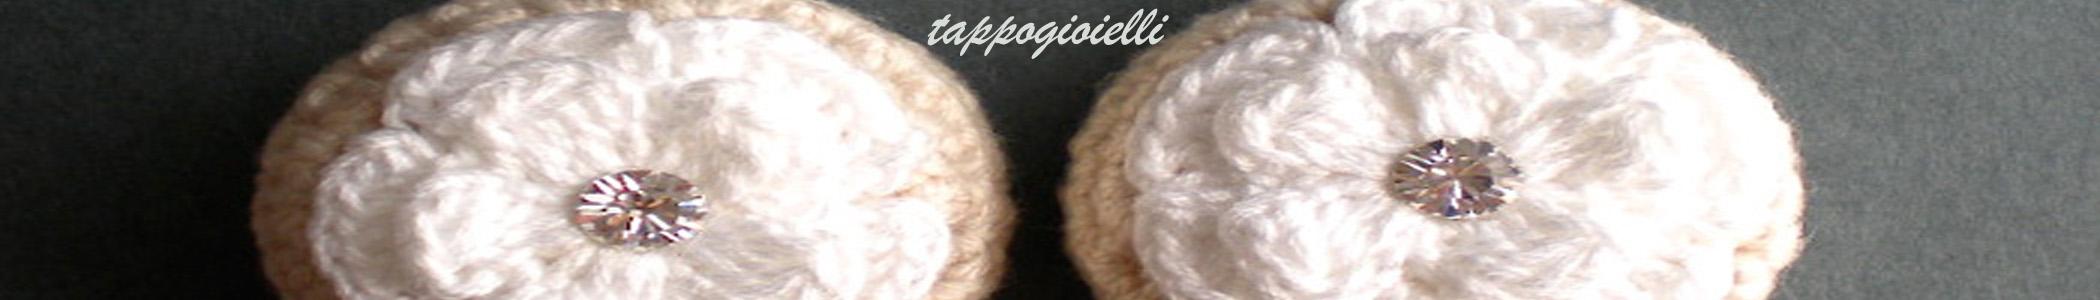 tappo_banner_blog